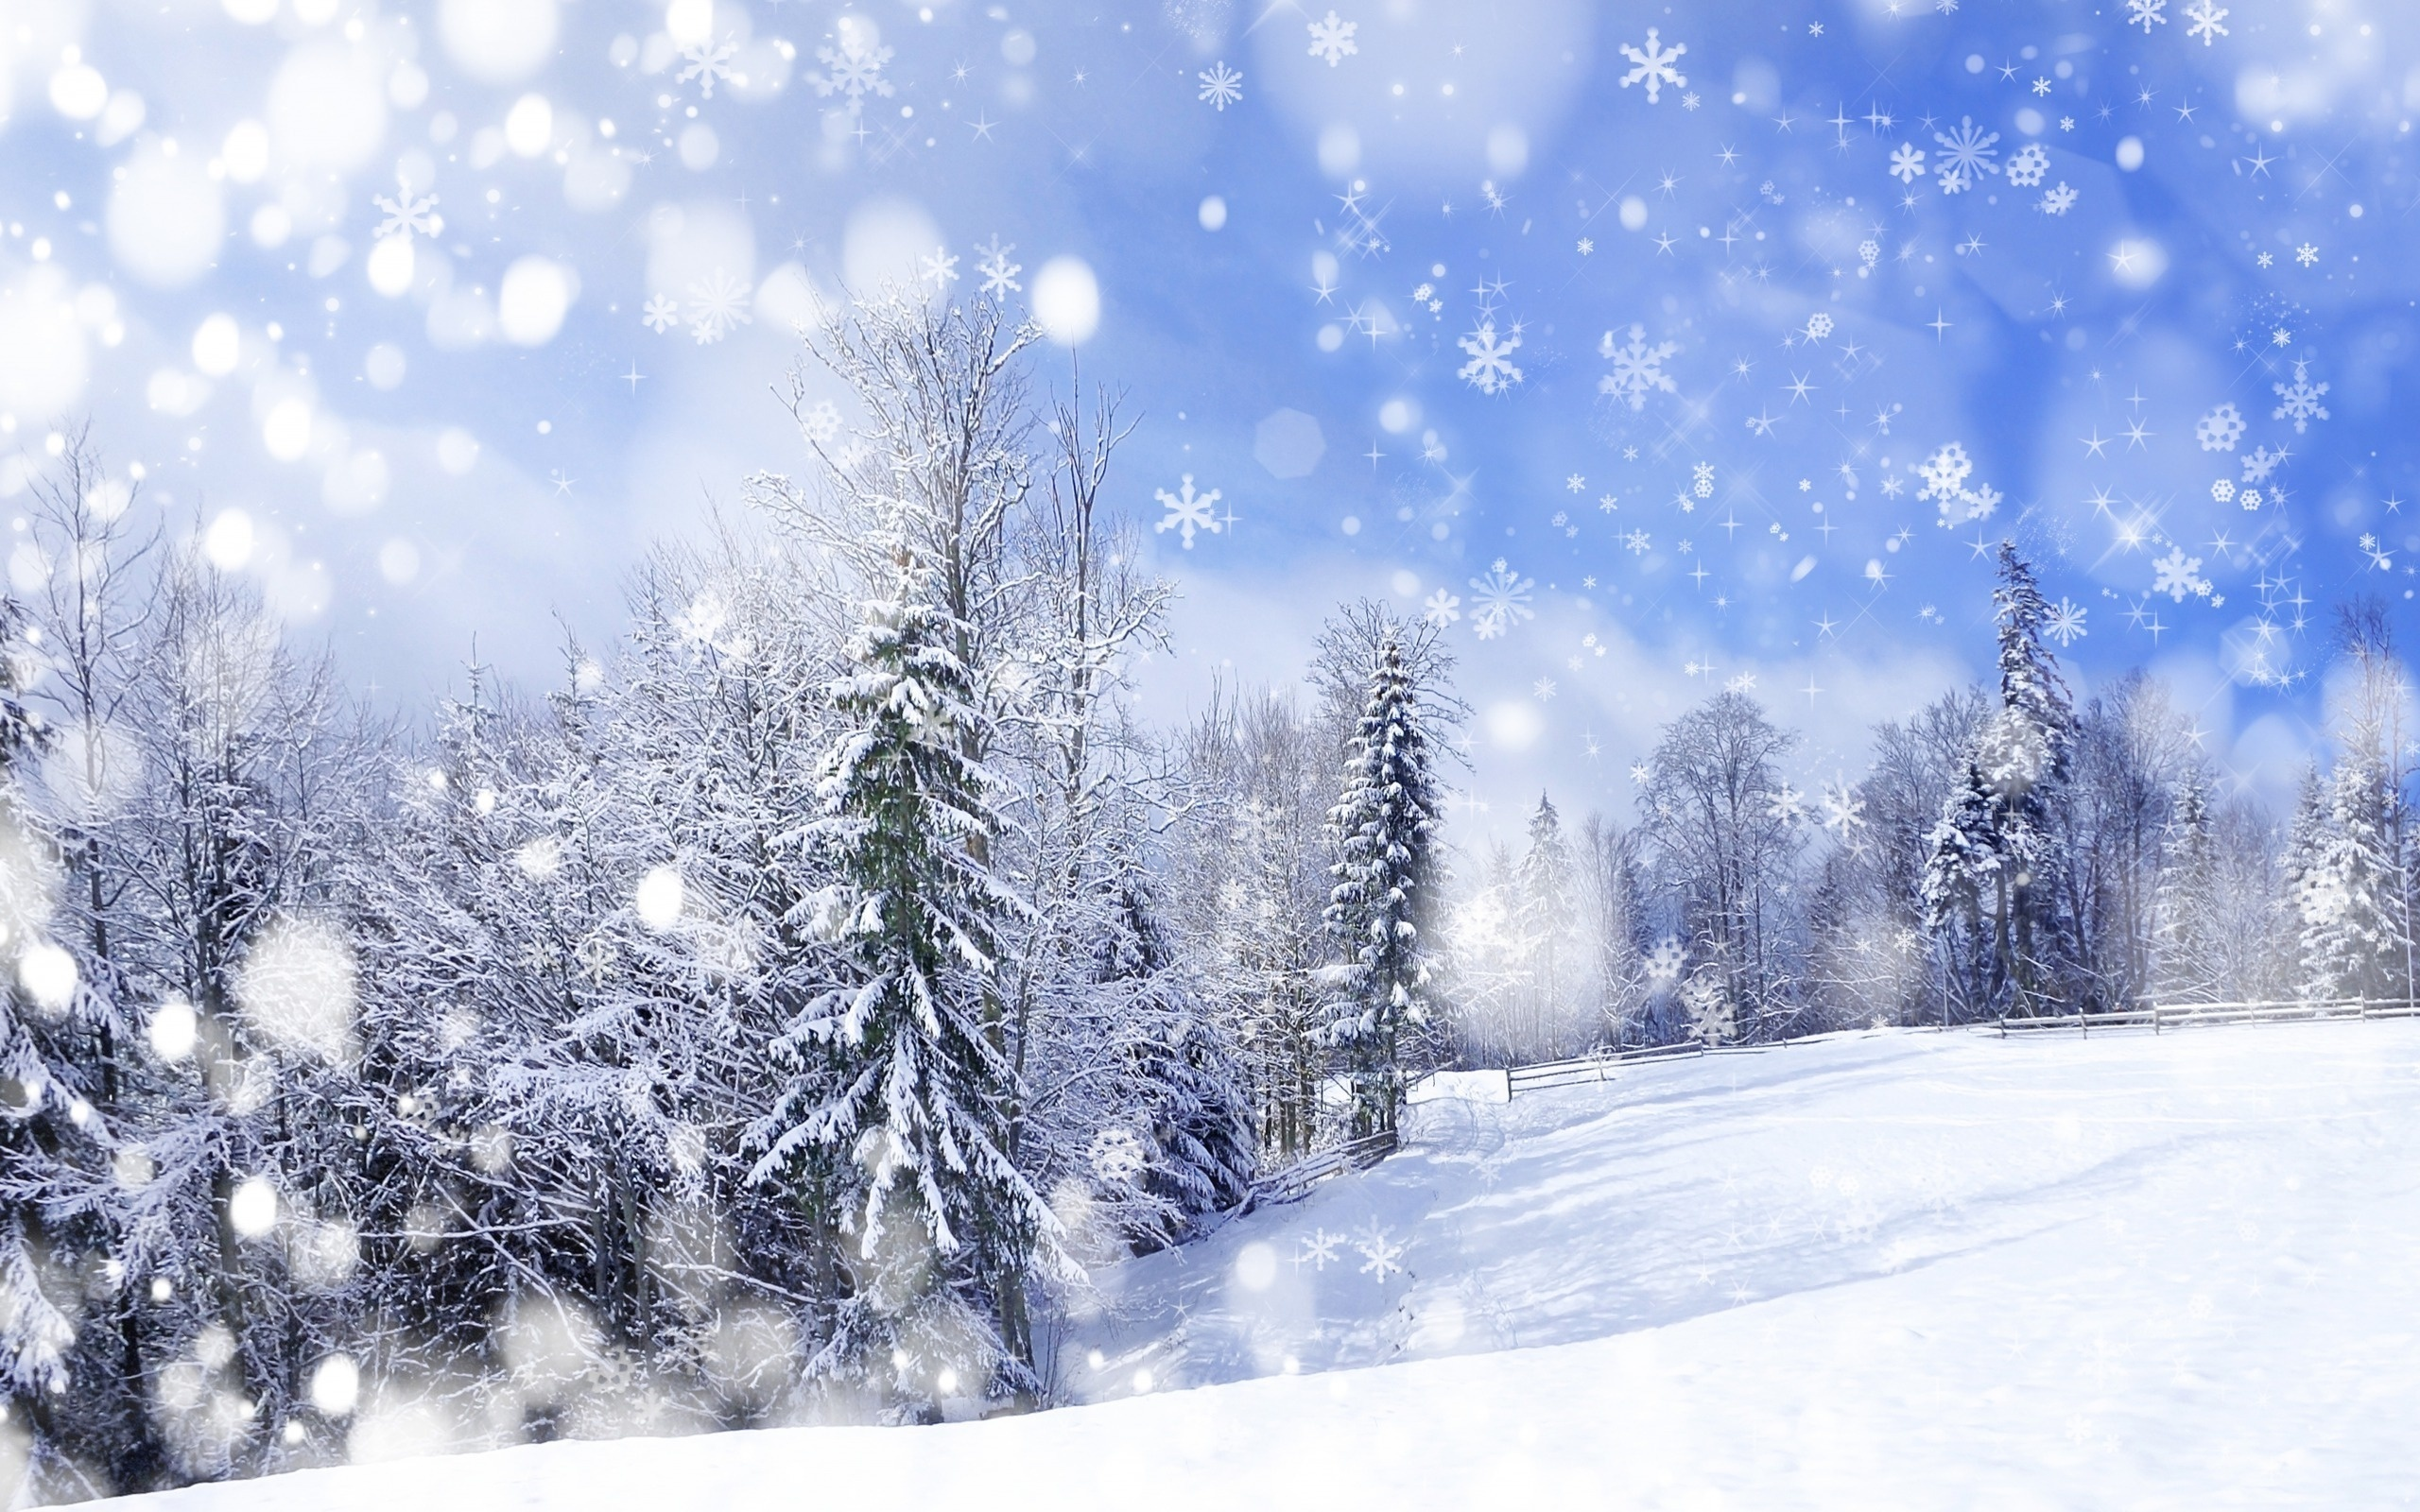 desktop wallpaper winter themes   wwwwallpapers in hdcom 2560x1600